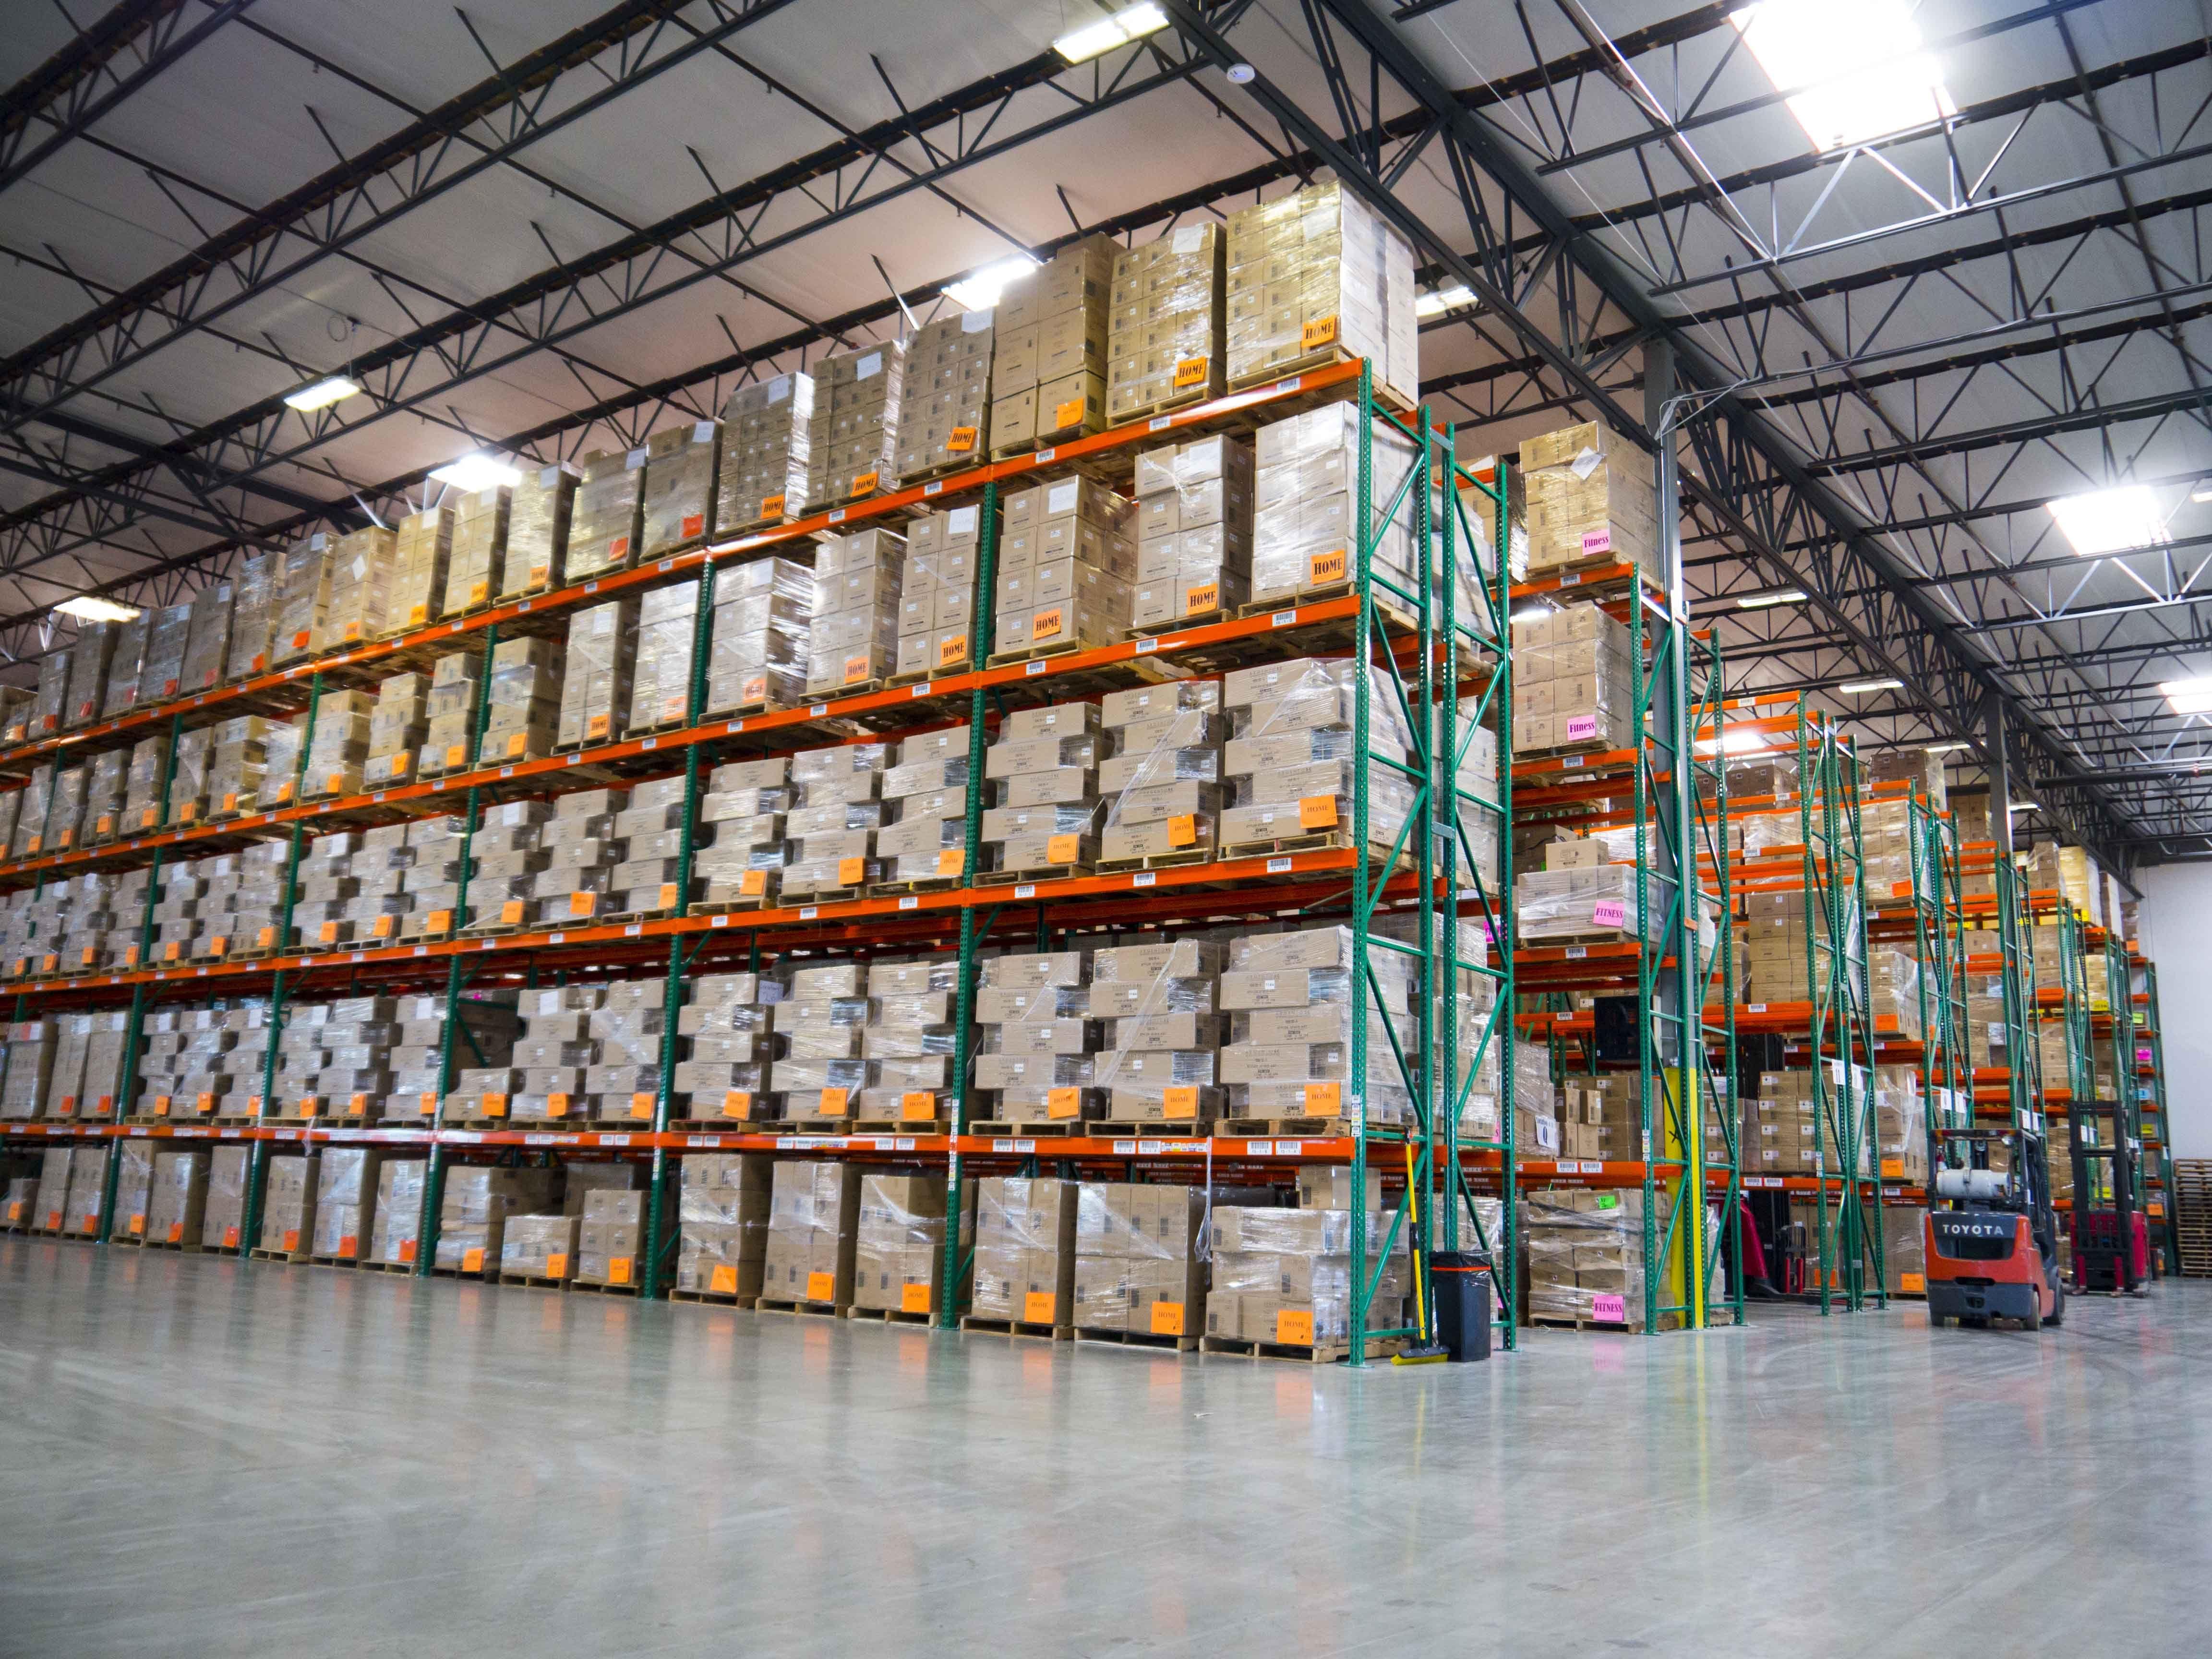 Optimize Your Warehouse Pallet Rack Pallet Optimization